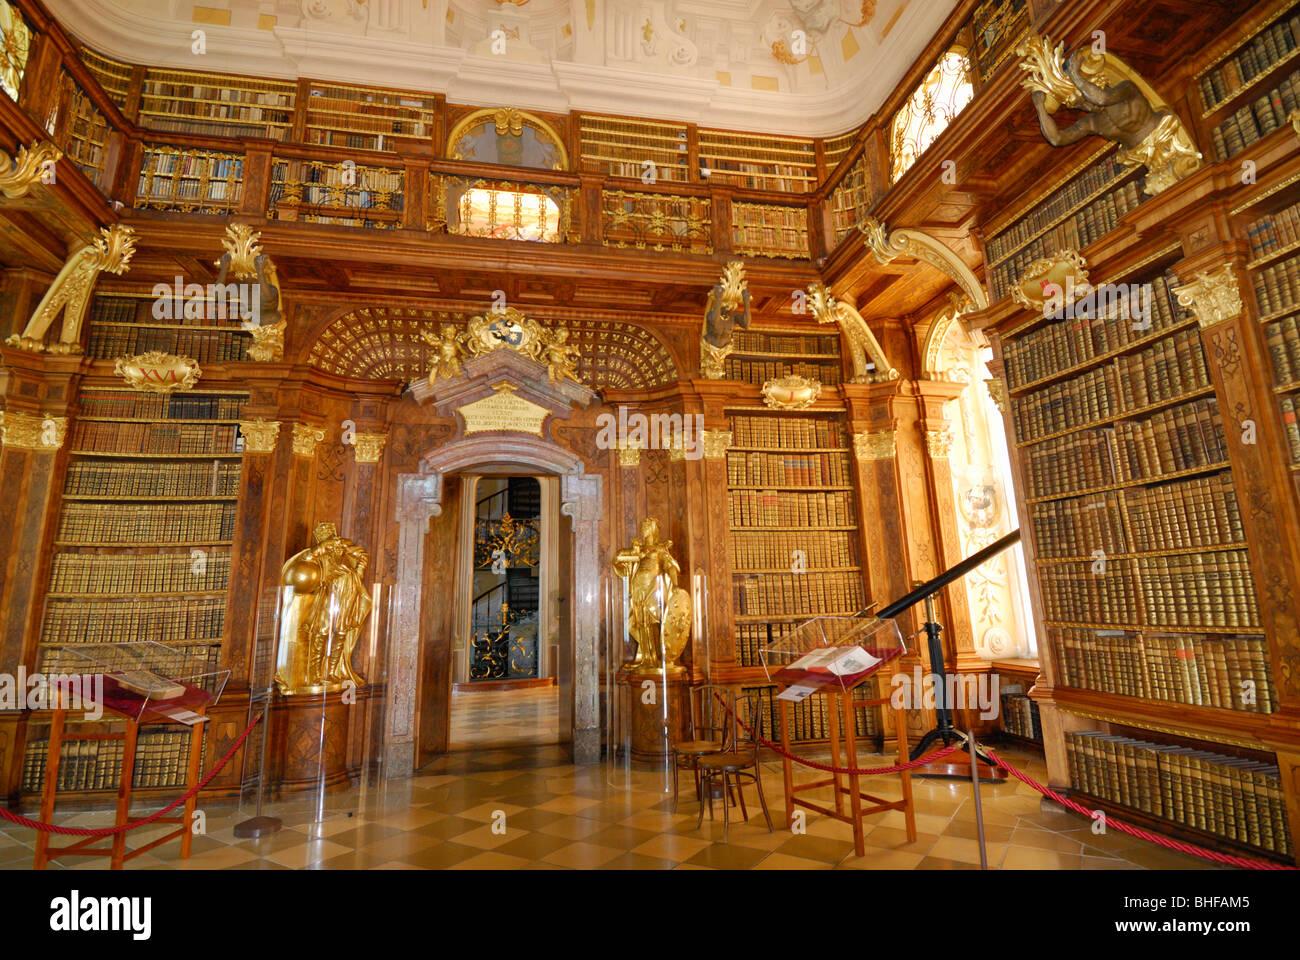 Melk Abbey Library Stock Photos  Melk Abbey Library Stock-3393